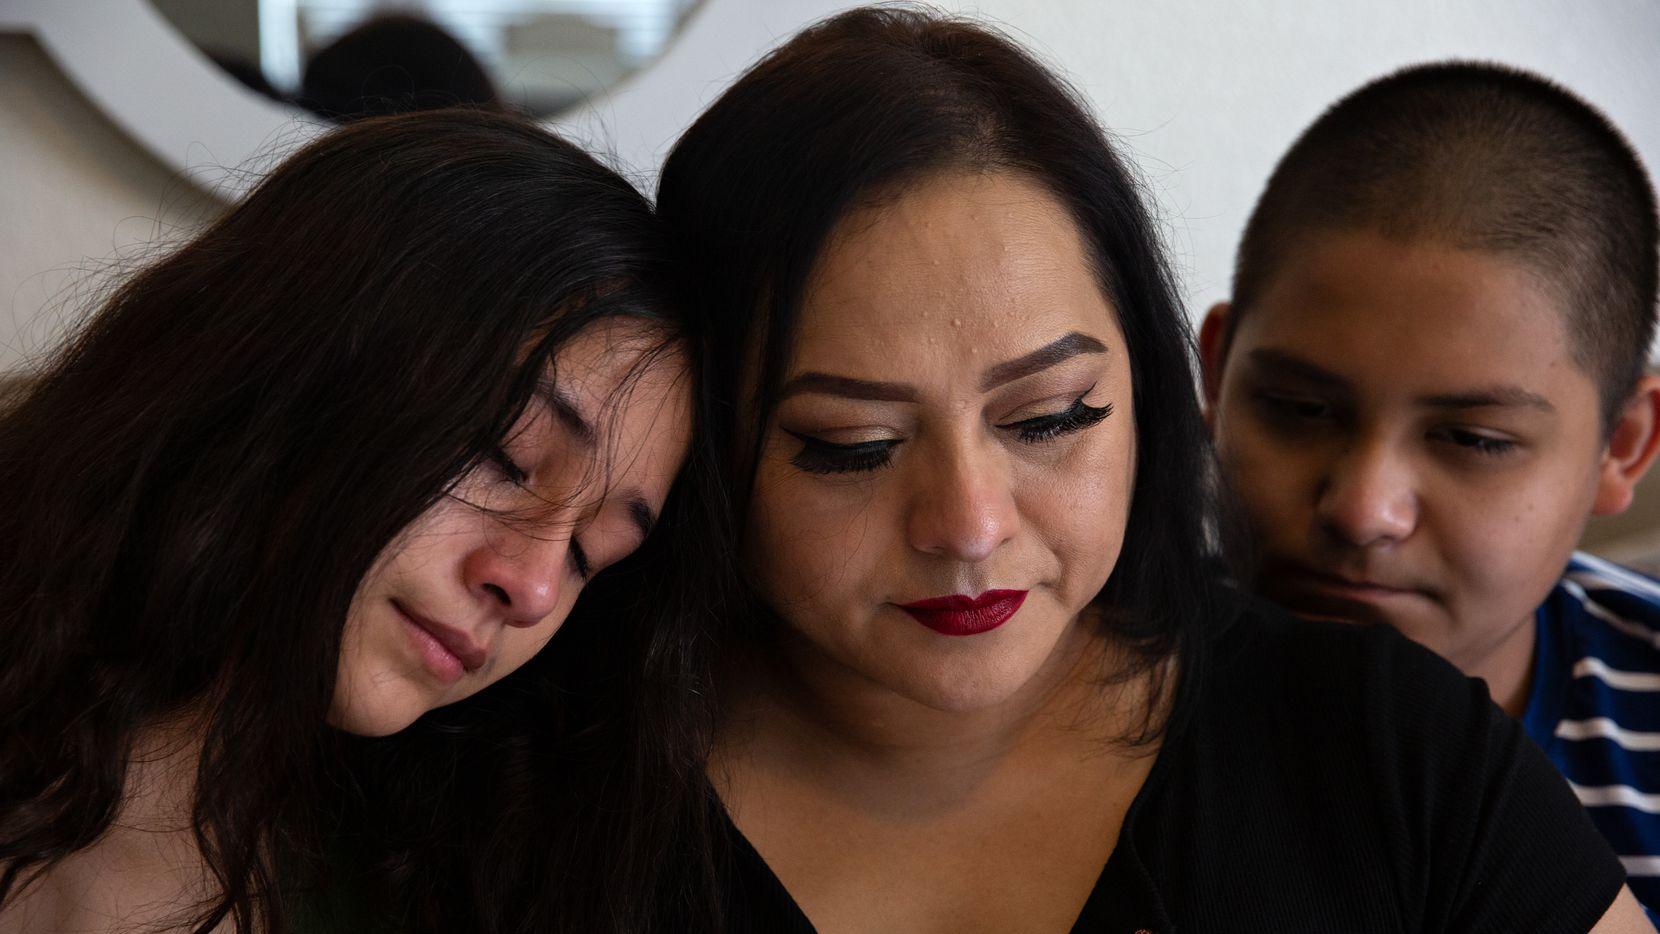 María Treviño (al centro) perdió a su esposo, Édgar González, por covid-19 en junio del 2020. Ella y sus hijos, Ámber (izq.) y Damián (der.) han enfrentado el duelo con el apoyo de terapias y ayuda de sus escuelas, en Aubrey, Texas.